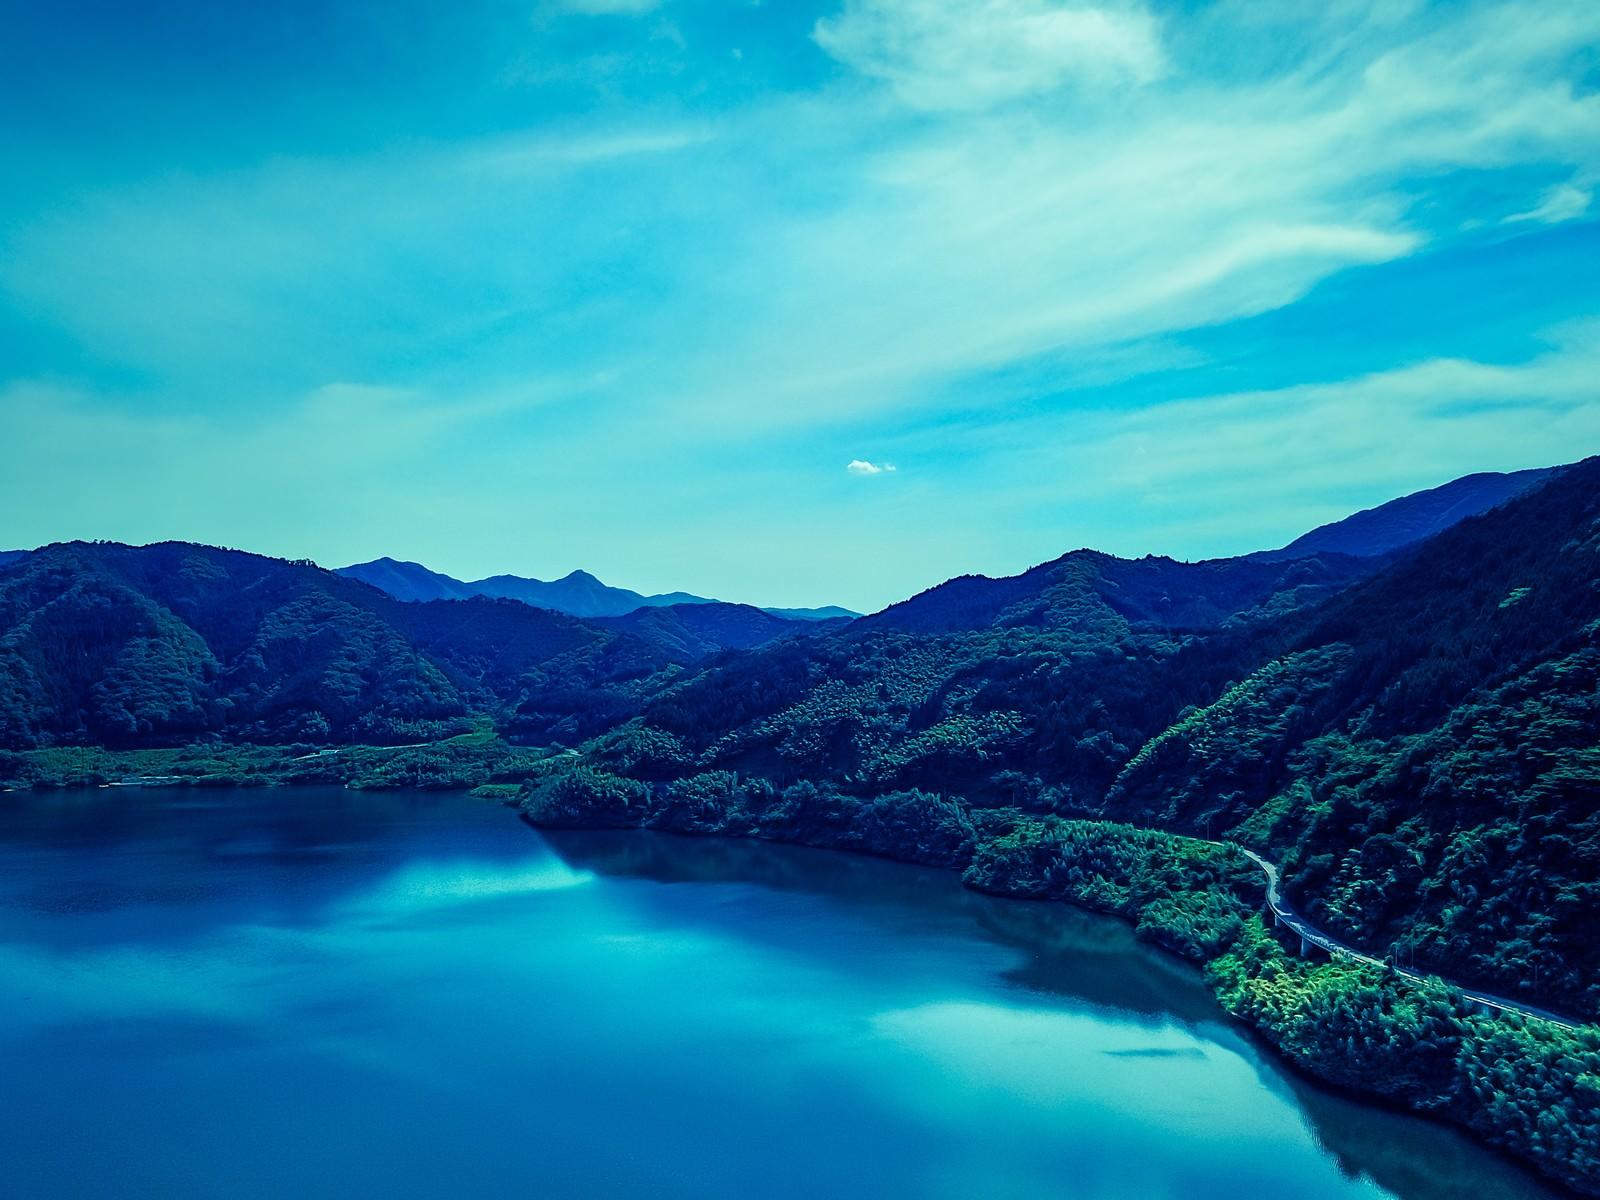 「鏡野ブルー(奥津湖)鏡野ブルー(奥津湖)」のフリー写真素材を拡大